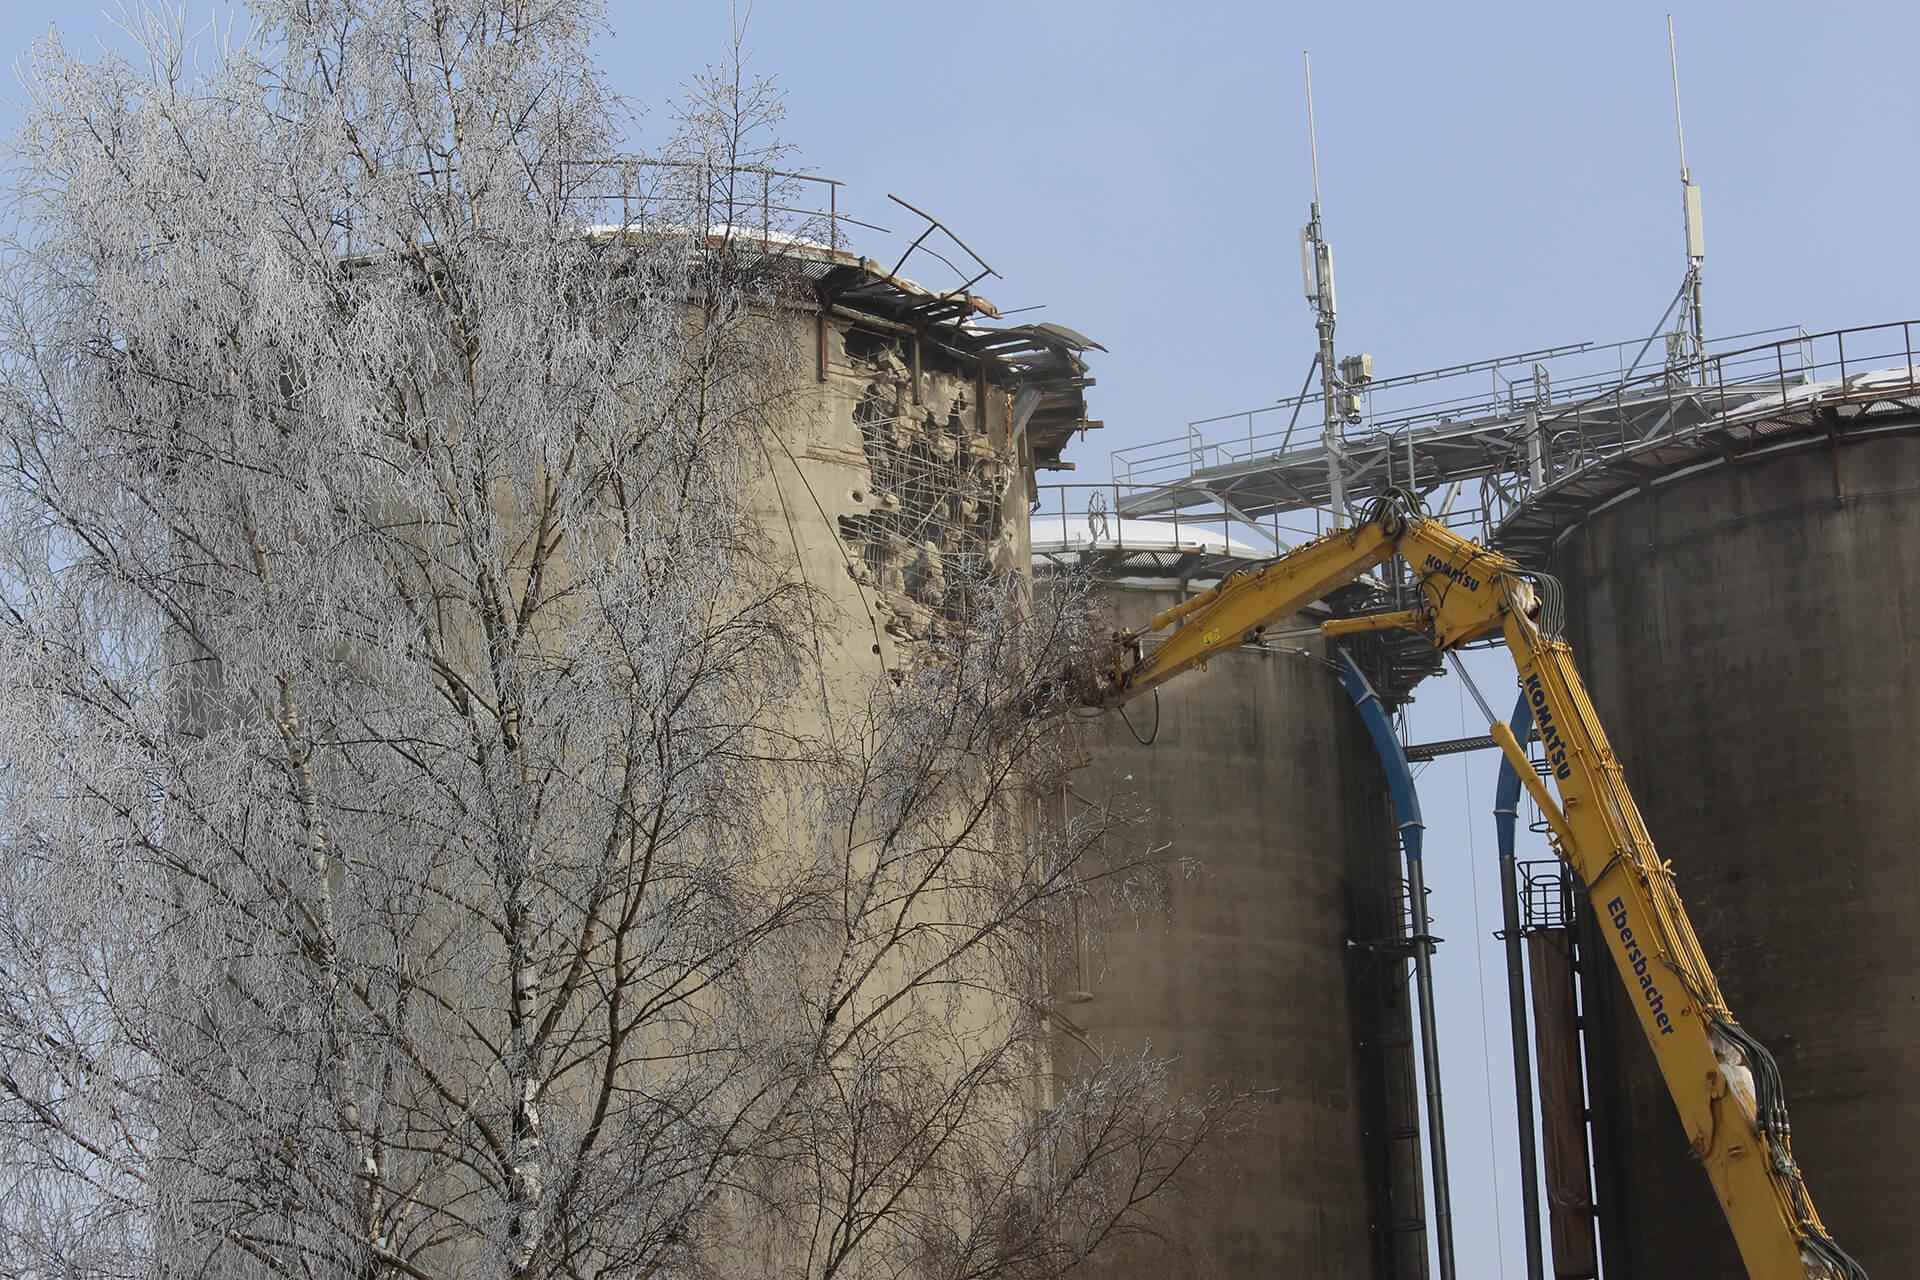 2016 begannen im Zuge der Umstellung auf Ökolandbau die umfangreichen Abriss- und Umbauarbeiten von Ställen und Wirtschaftsgebäuden.